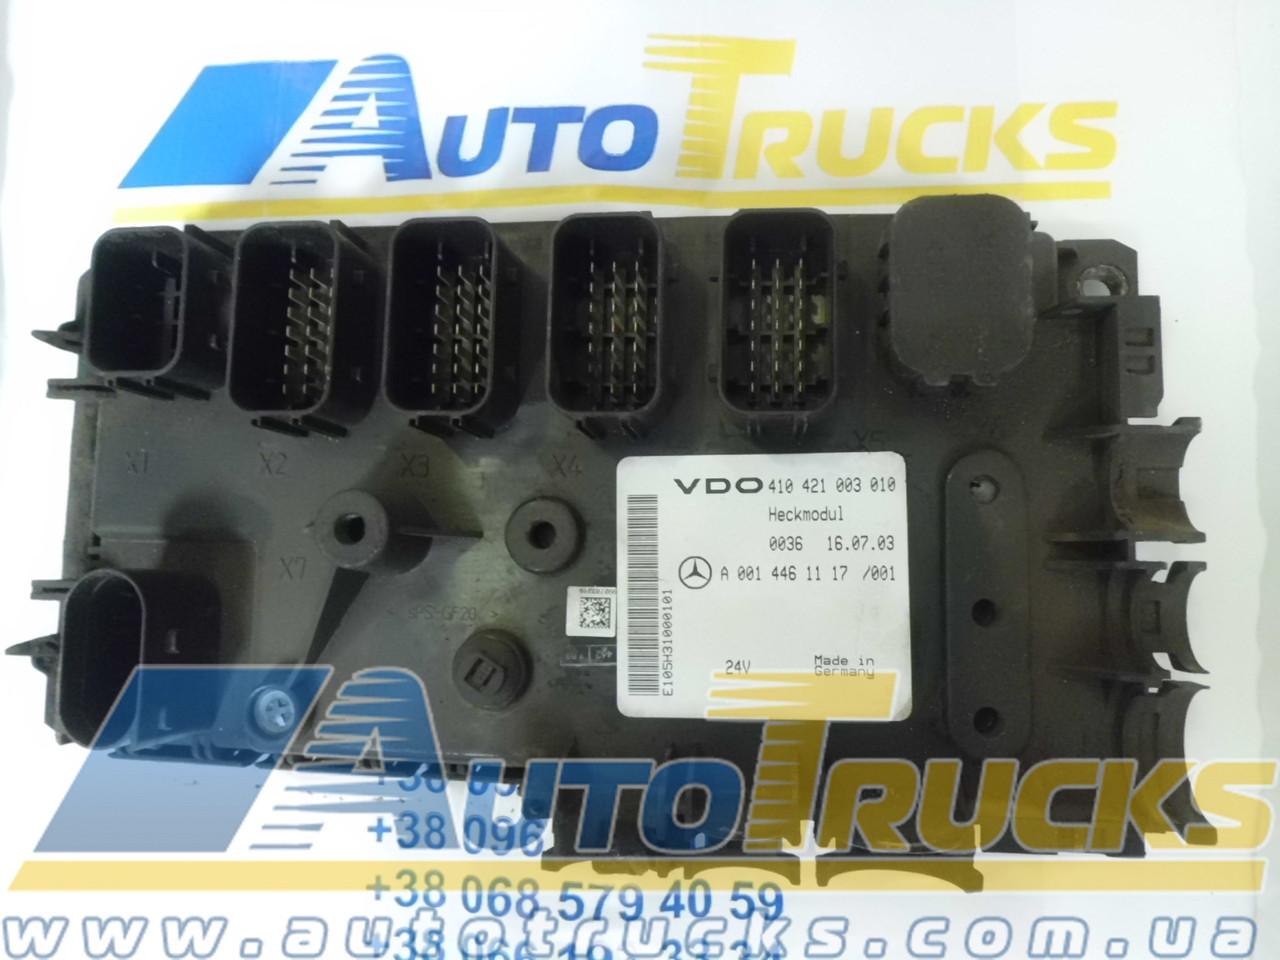 Блок управления VDO 410421003010; MB 0014461117 Б/у для Mercedes-Benz (410421003010; 0014461117)